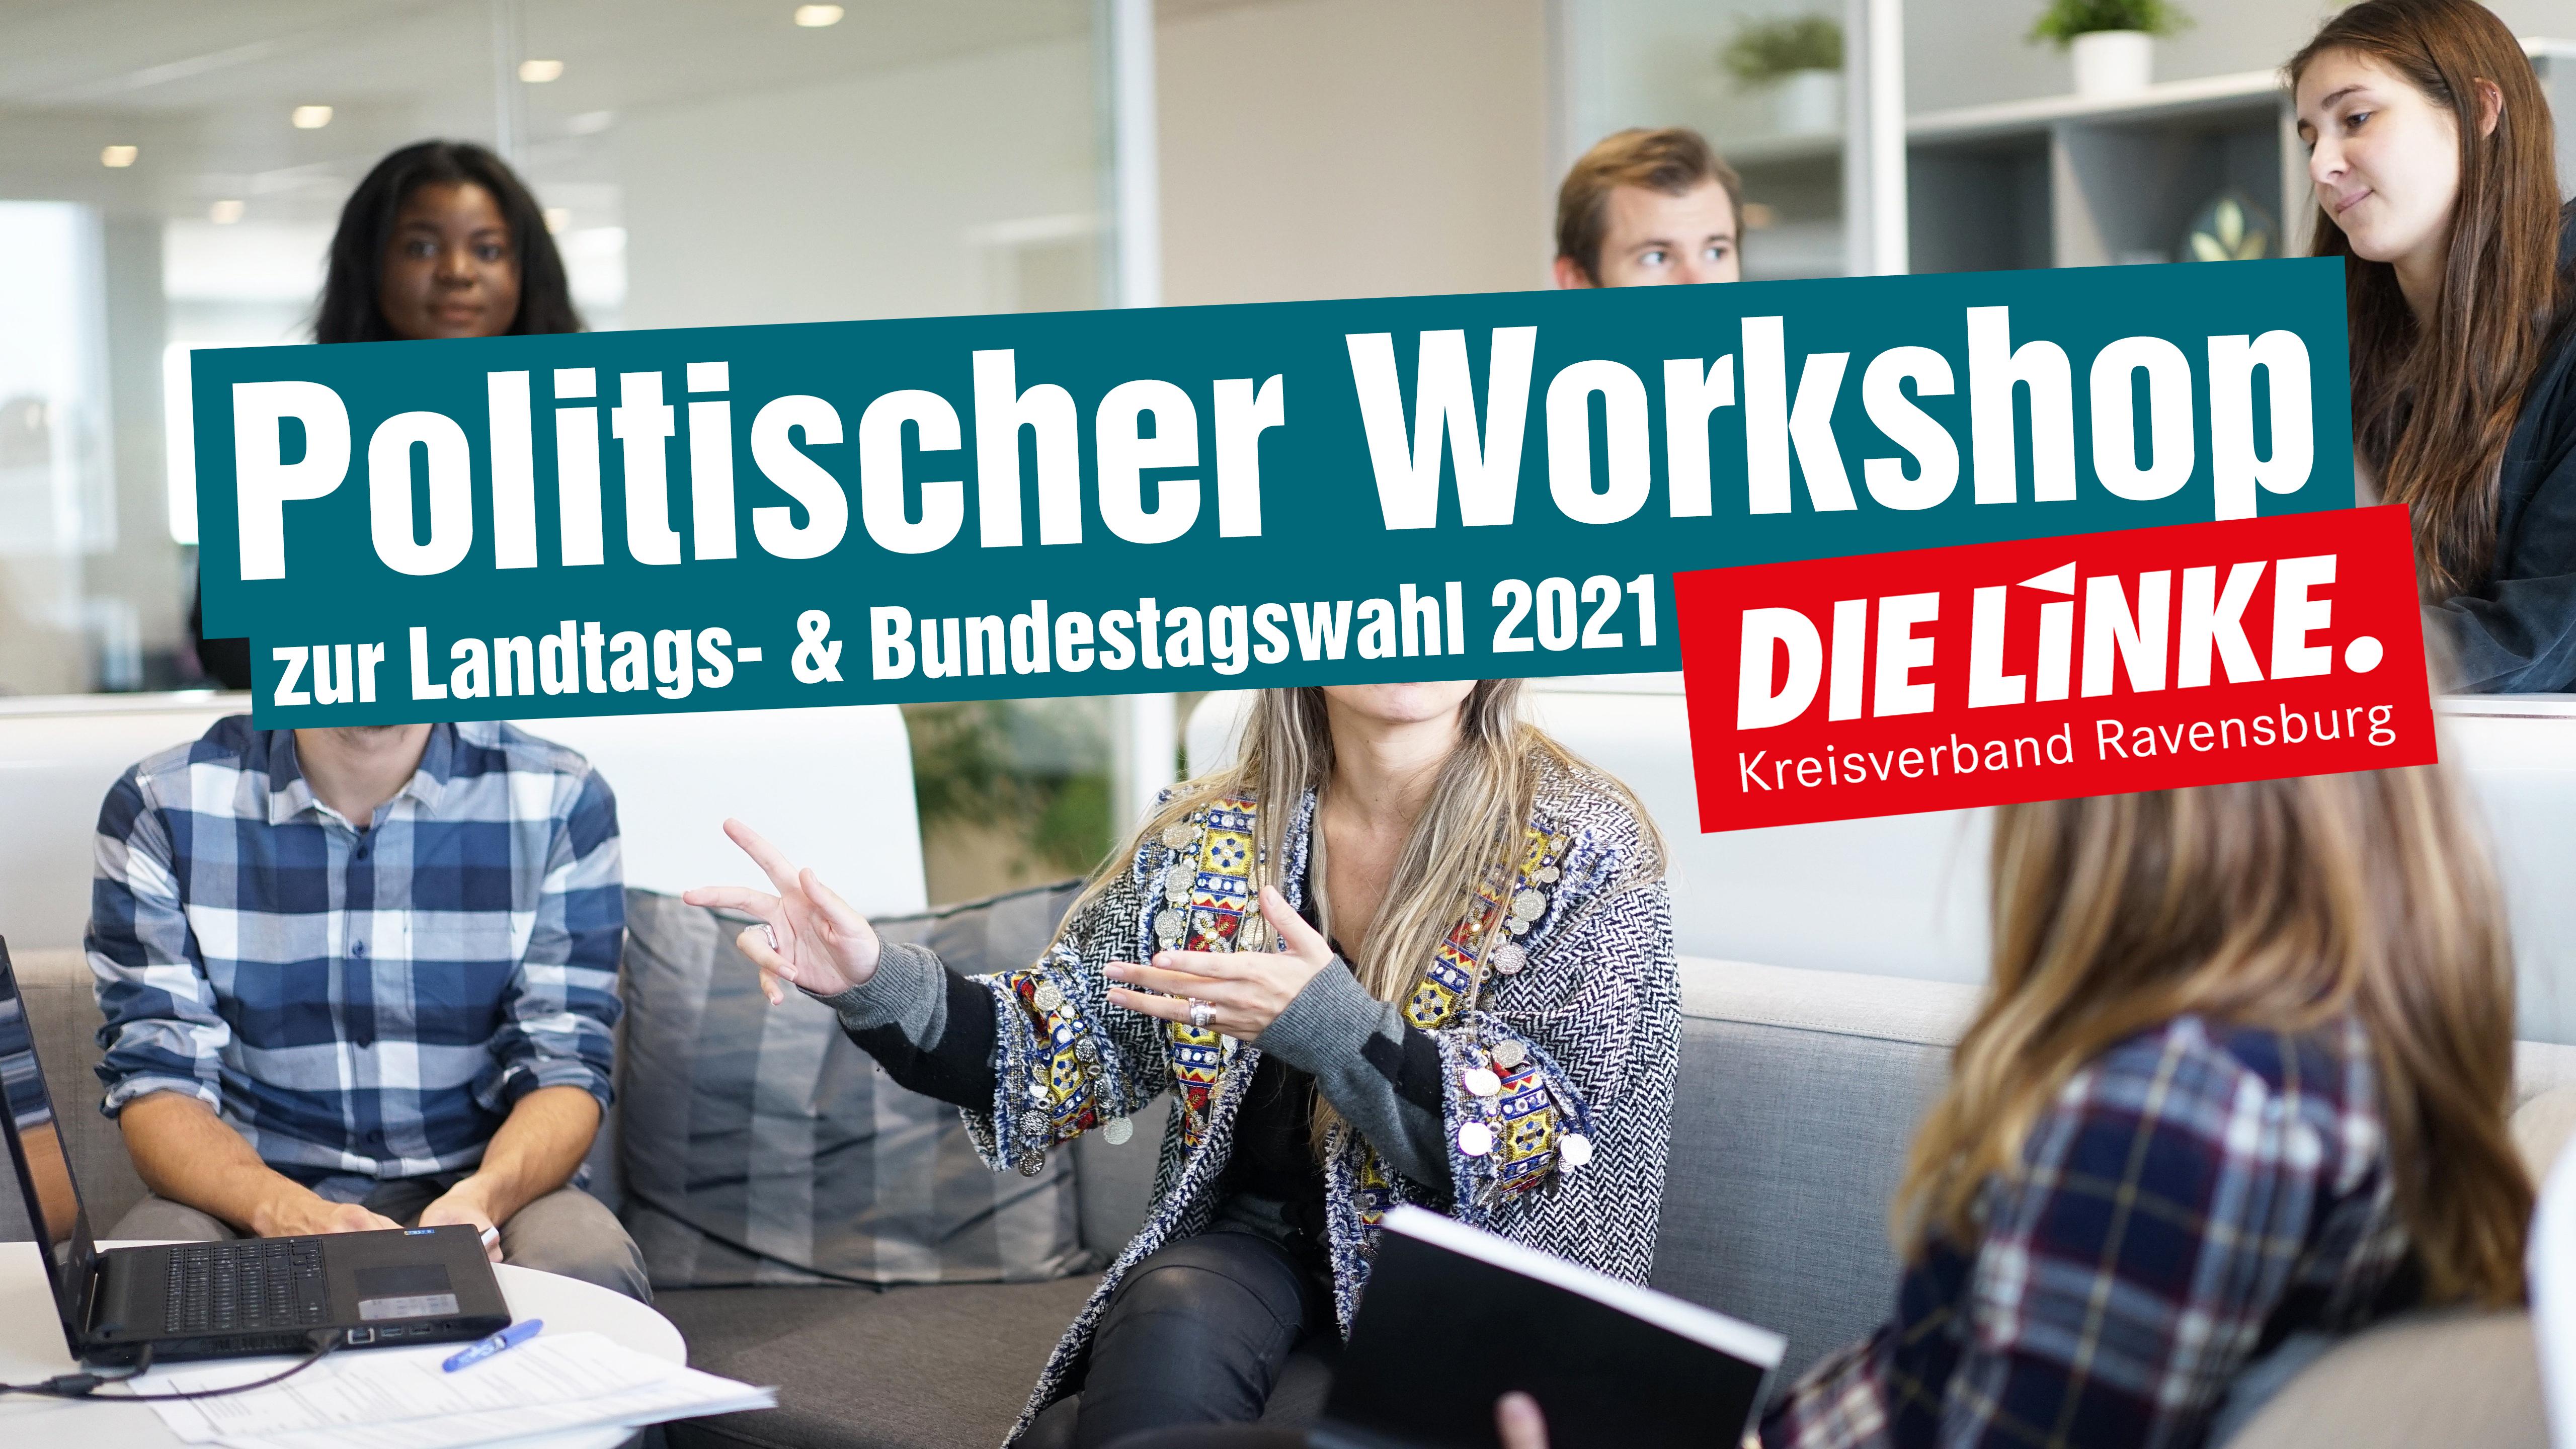 Bundestagswahl 2021 Linke